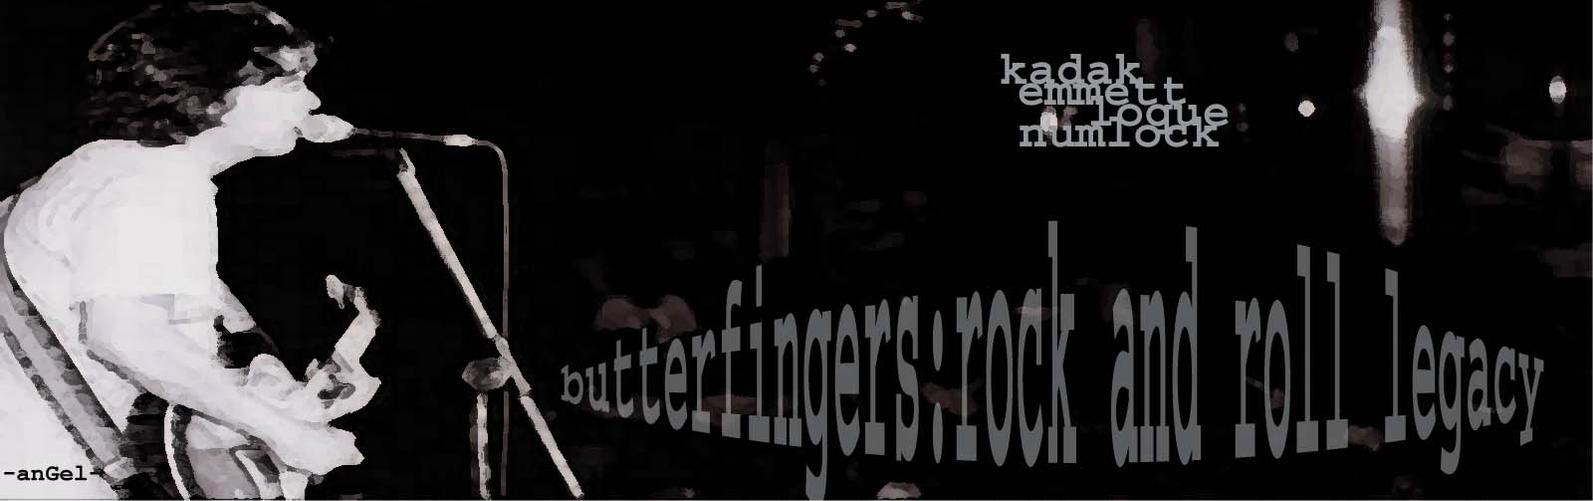 butterlegend by trianax